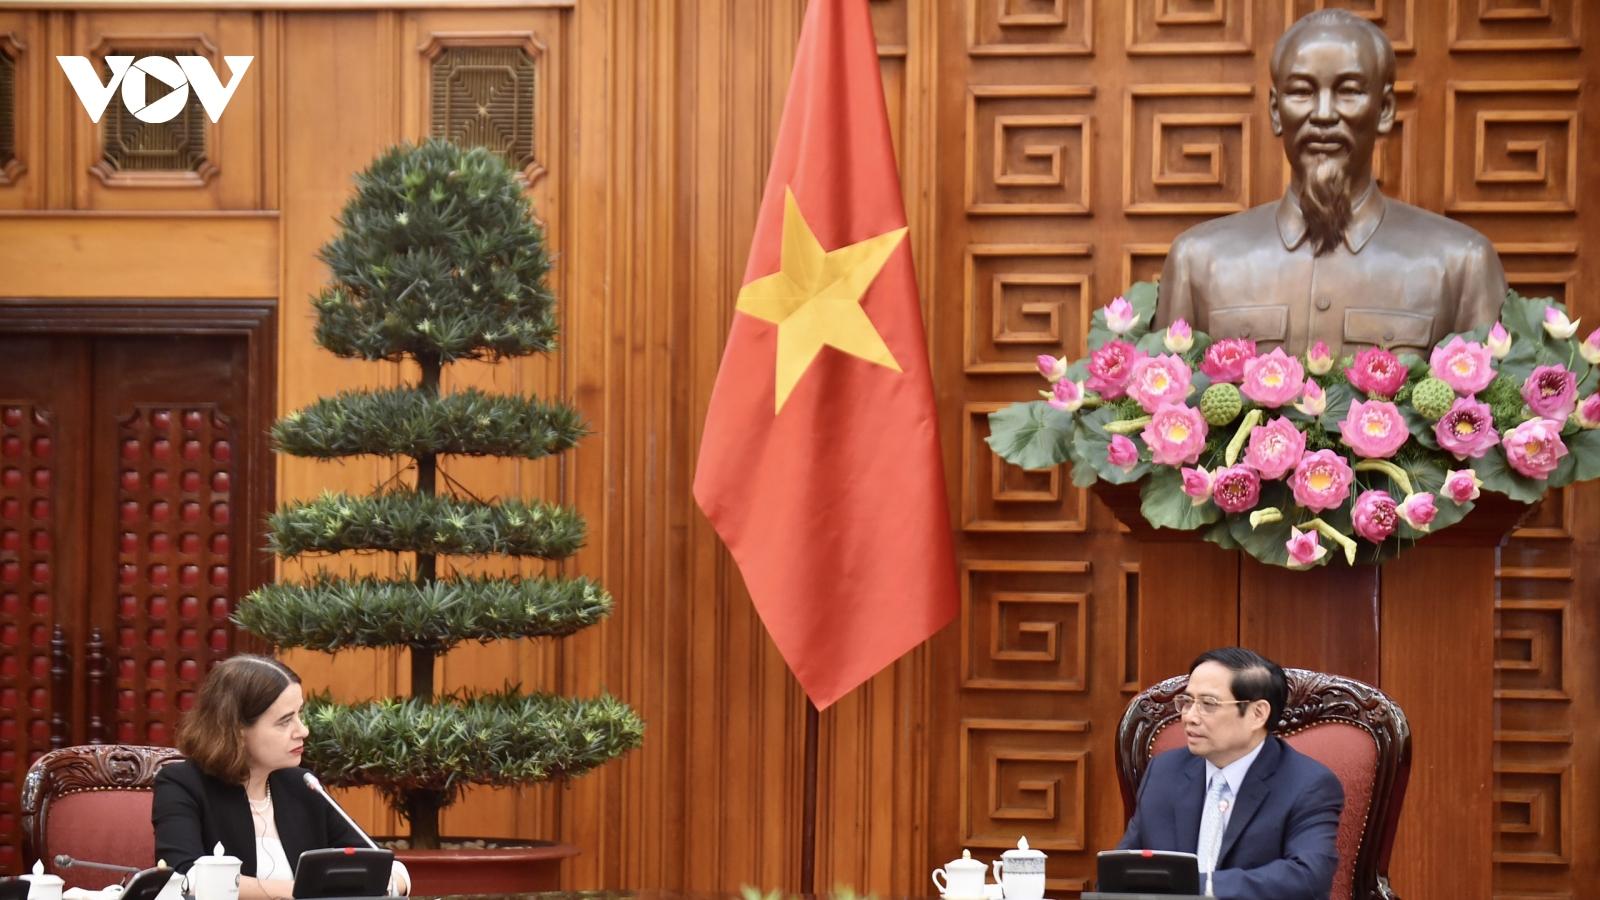 Tăng cường quan hệ đối tác chiến lược giữa Việt Nam - Australia